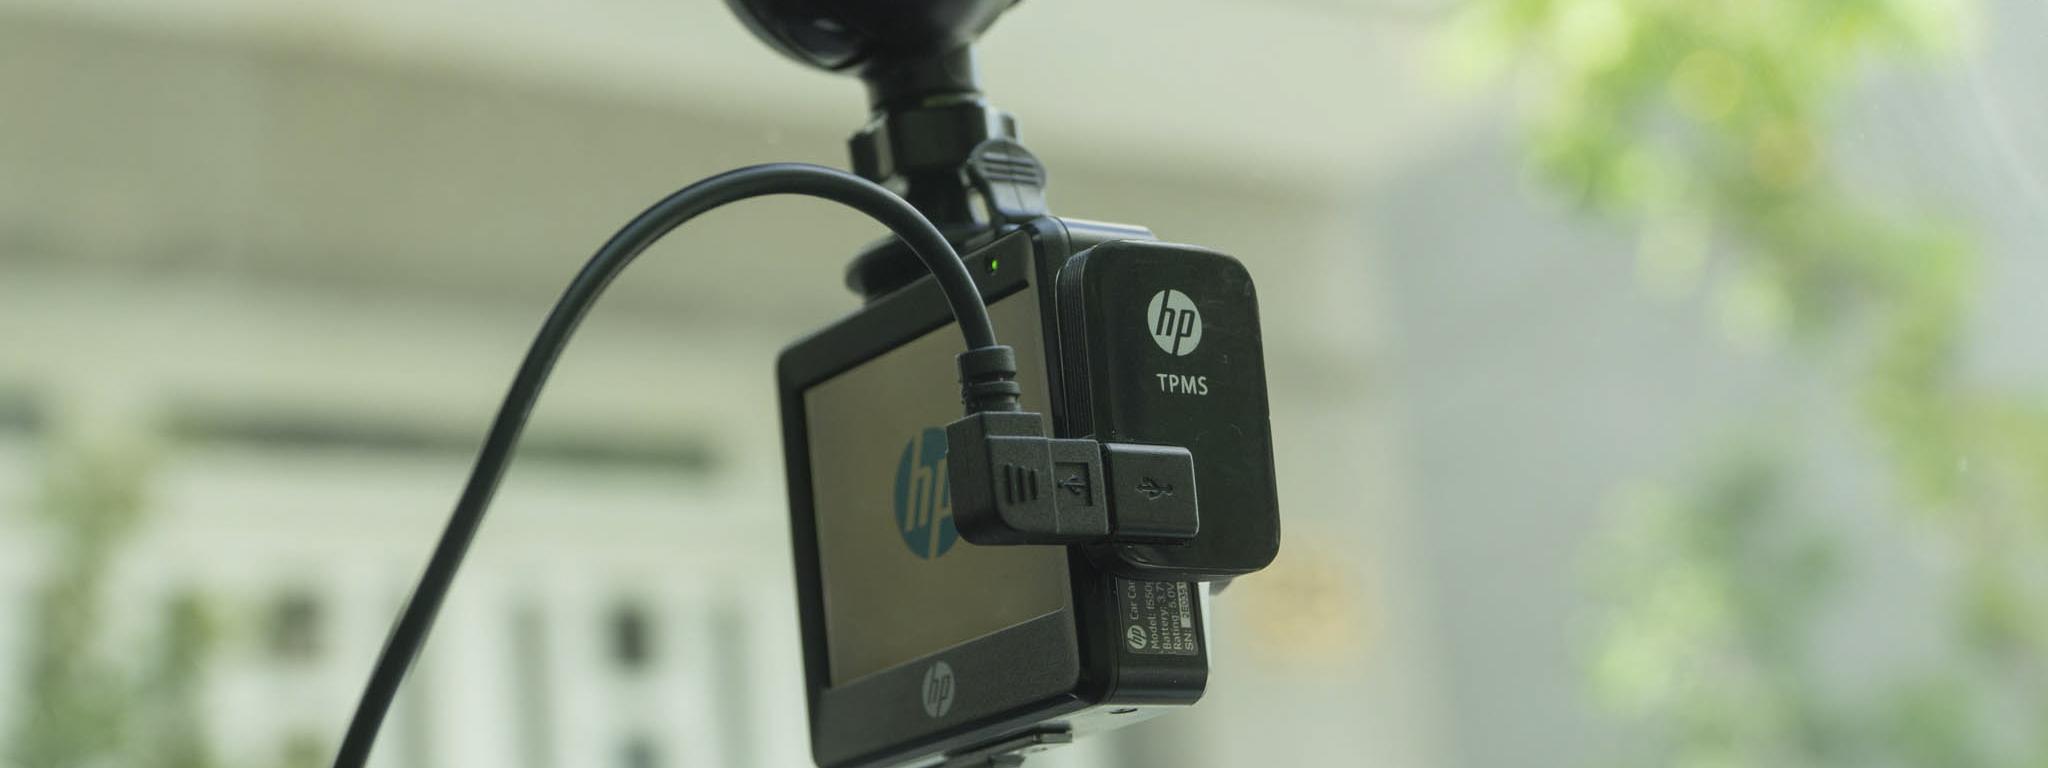 Đánh Giá Camera Hành Trình HP F550G